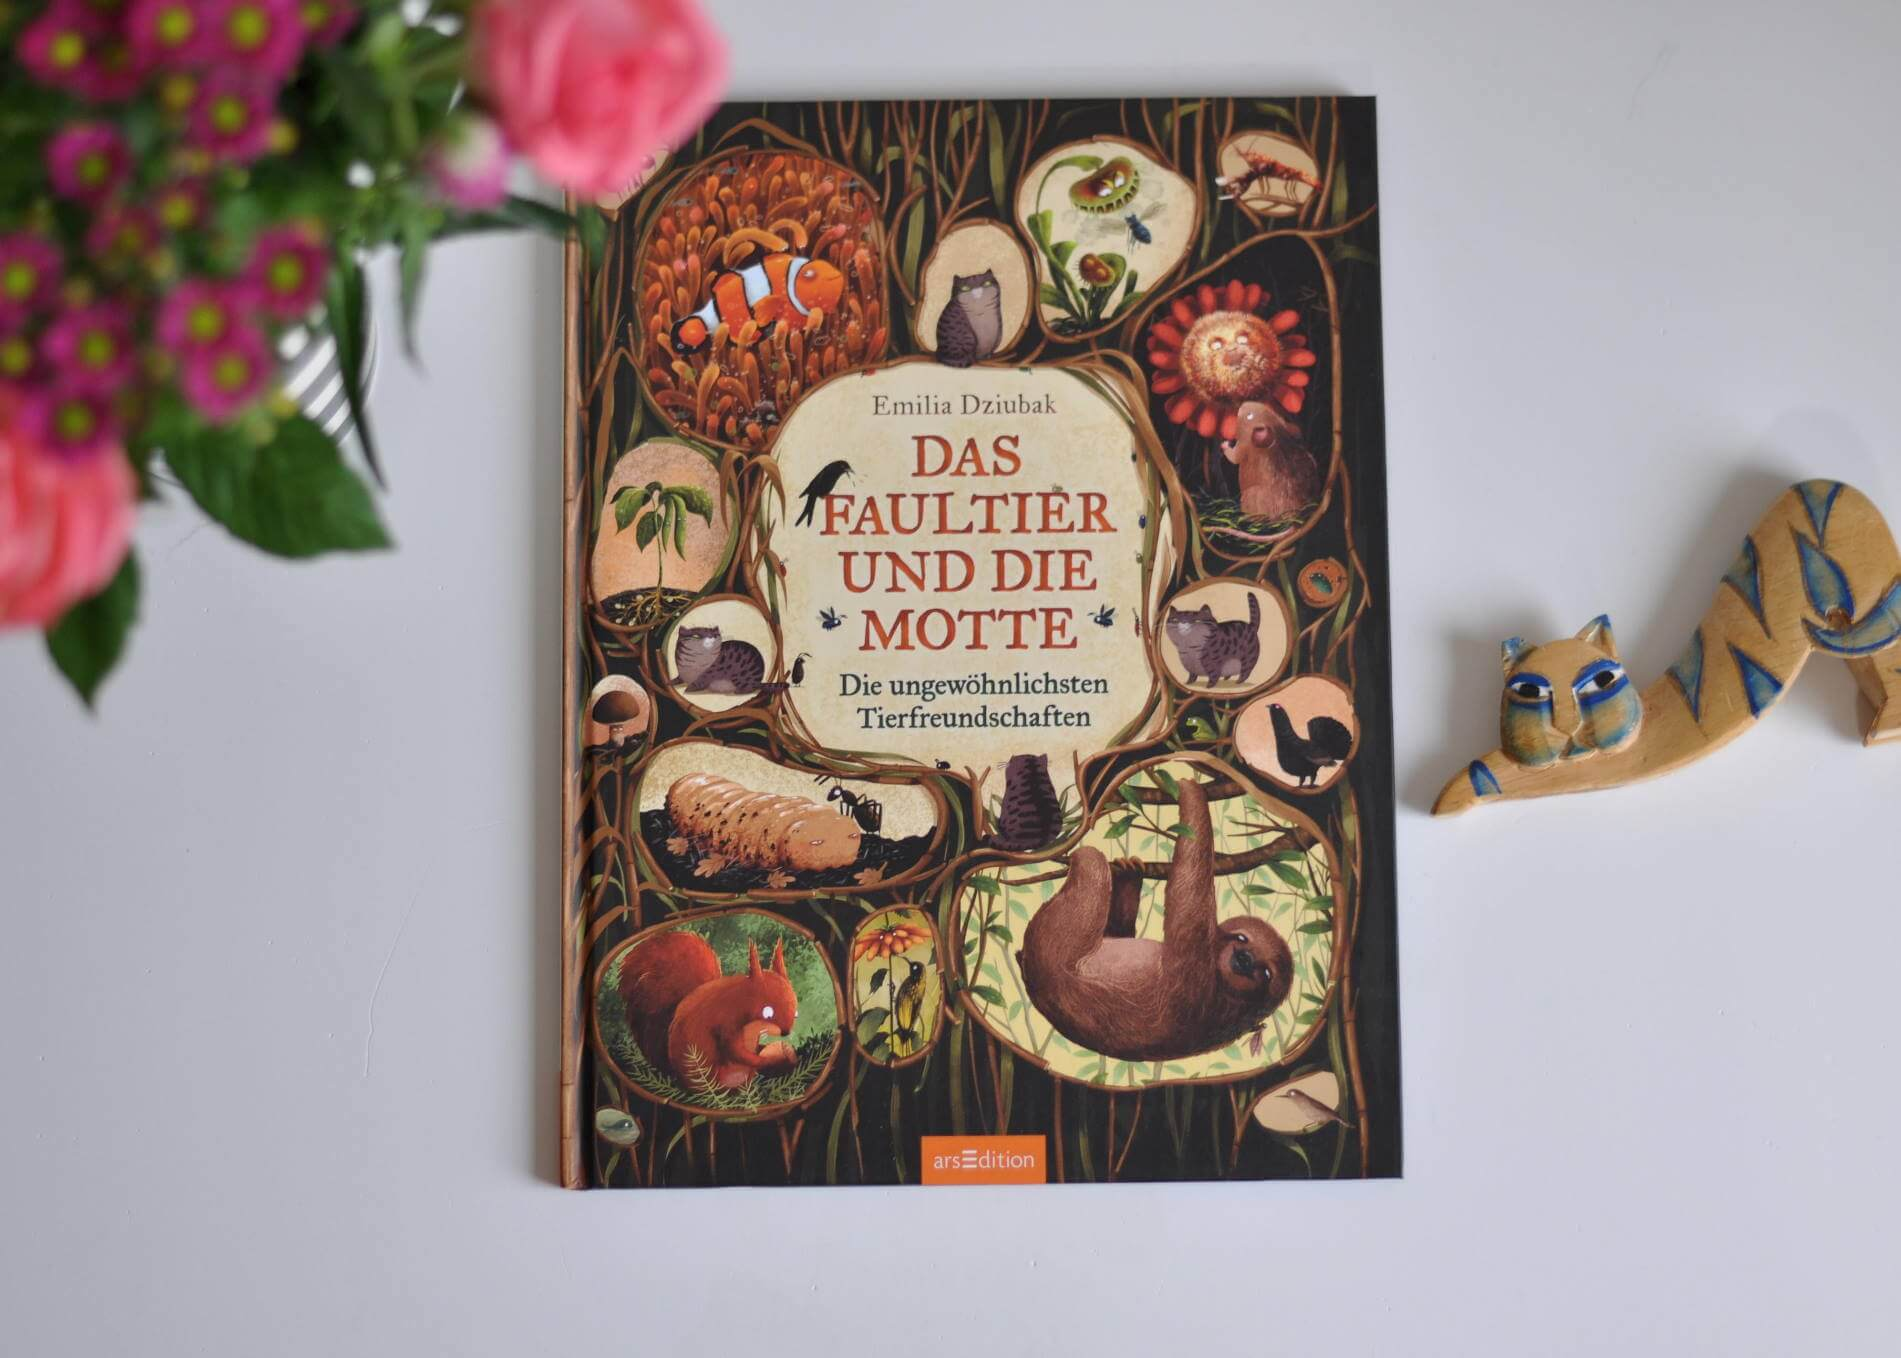 Kater Homer sucht einen Freund. Doch was ist ein echter Freund – und wie findet man ihn? Homer beschließt, in die weite Welt zu ziehen, um seinen Seelenverwandten zu finden. Doch zunächst muss er darüber nachdenken, was ihm in einer Freundschaft am wichtigsten ist. Sich umeinander zu kümmern, selbstlos zu sein oder jemand anderem treu zur Seite zu stehen? #freundschaft #symbiose #sachbuch #sachbilderbuch #kinderbuch #tiere #tierfreundschaften #katze